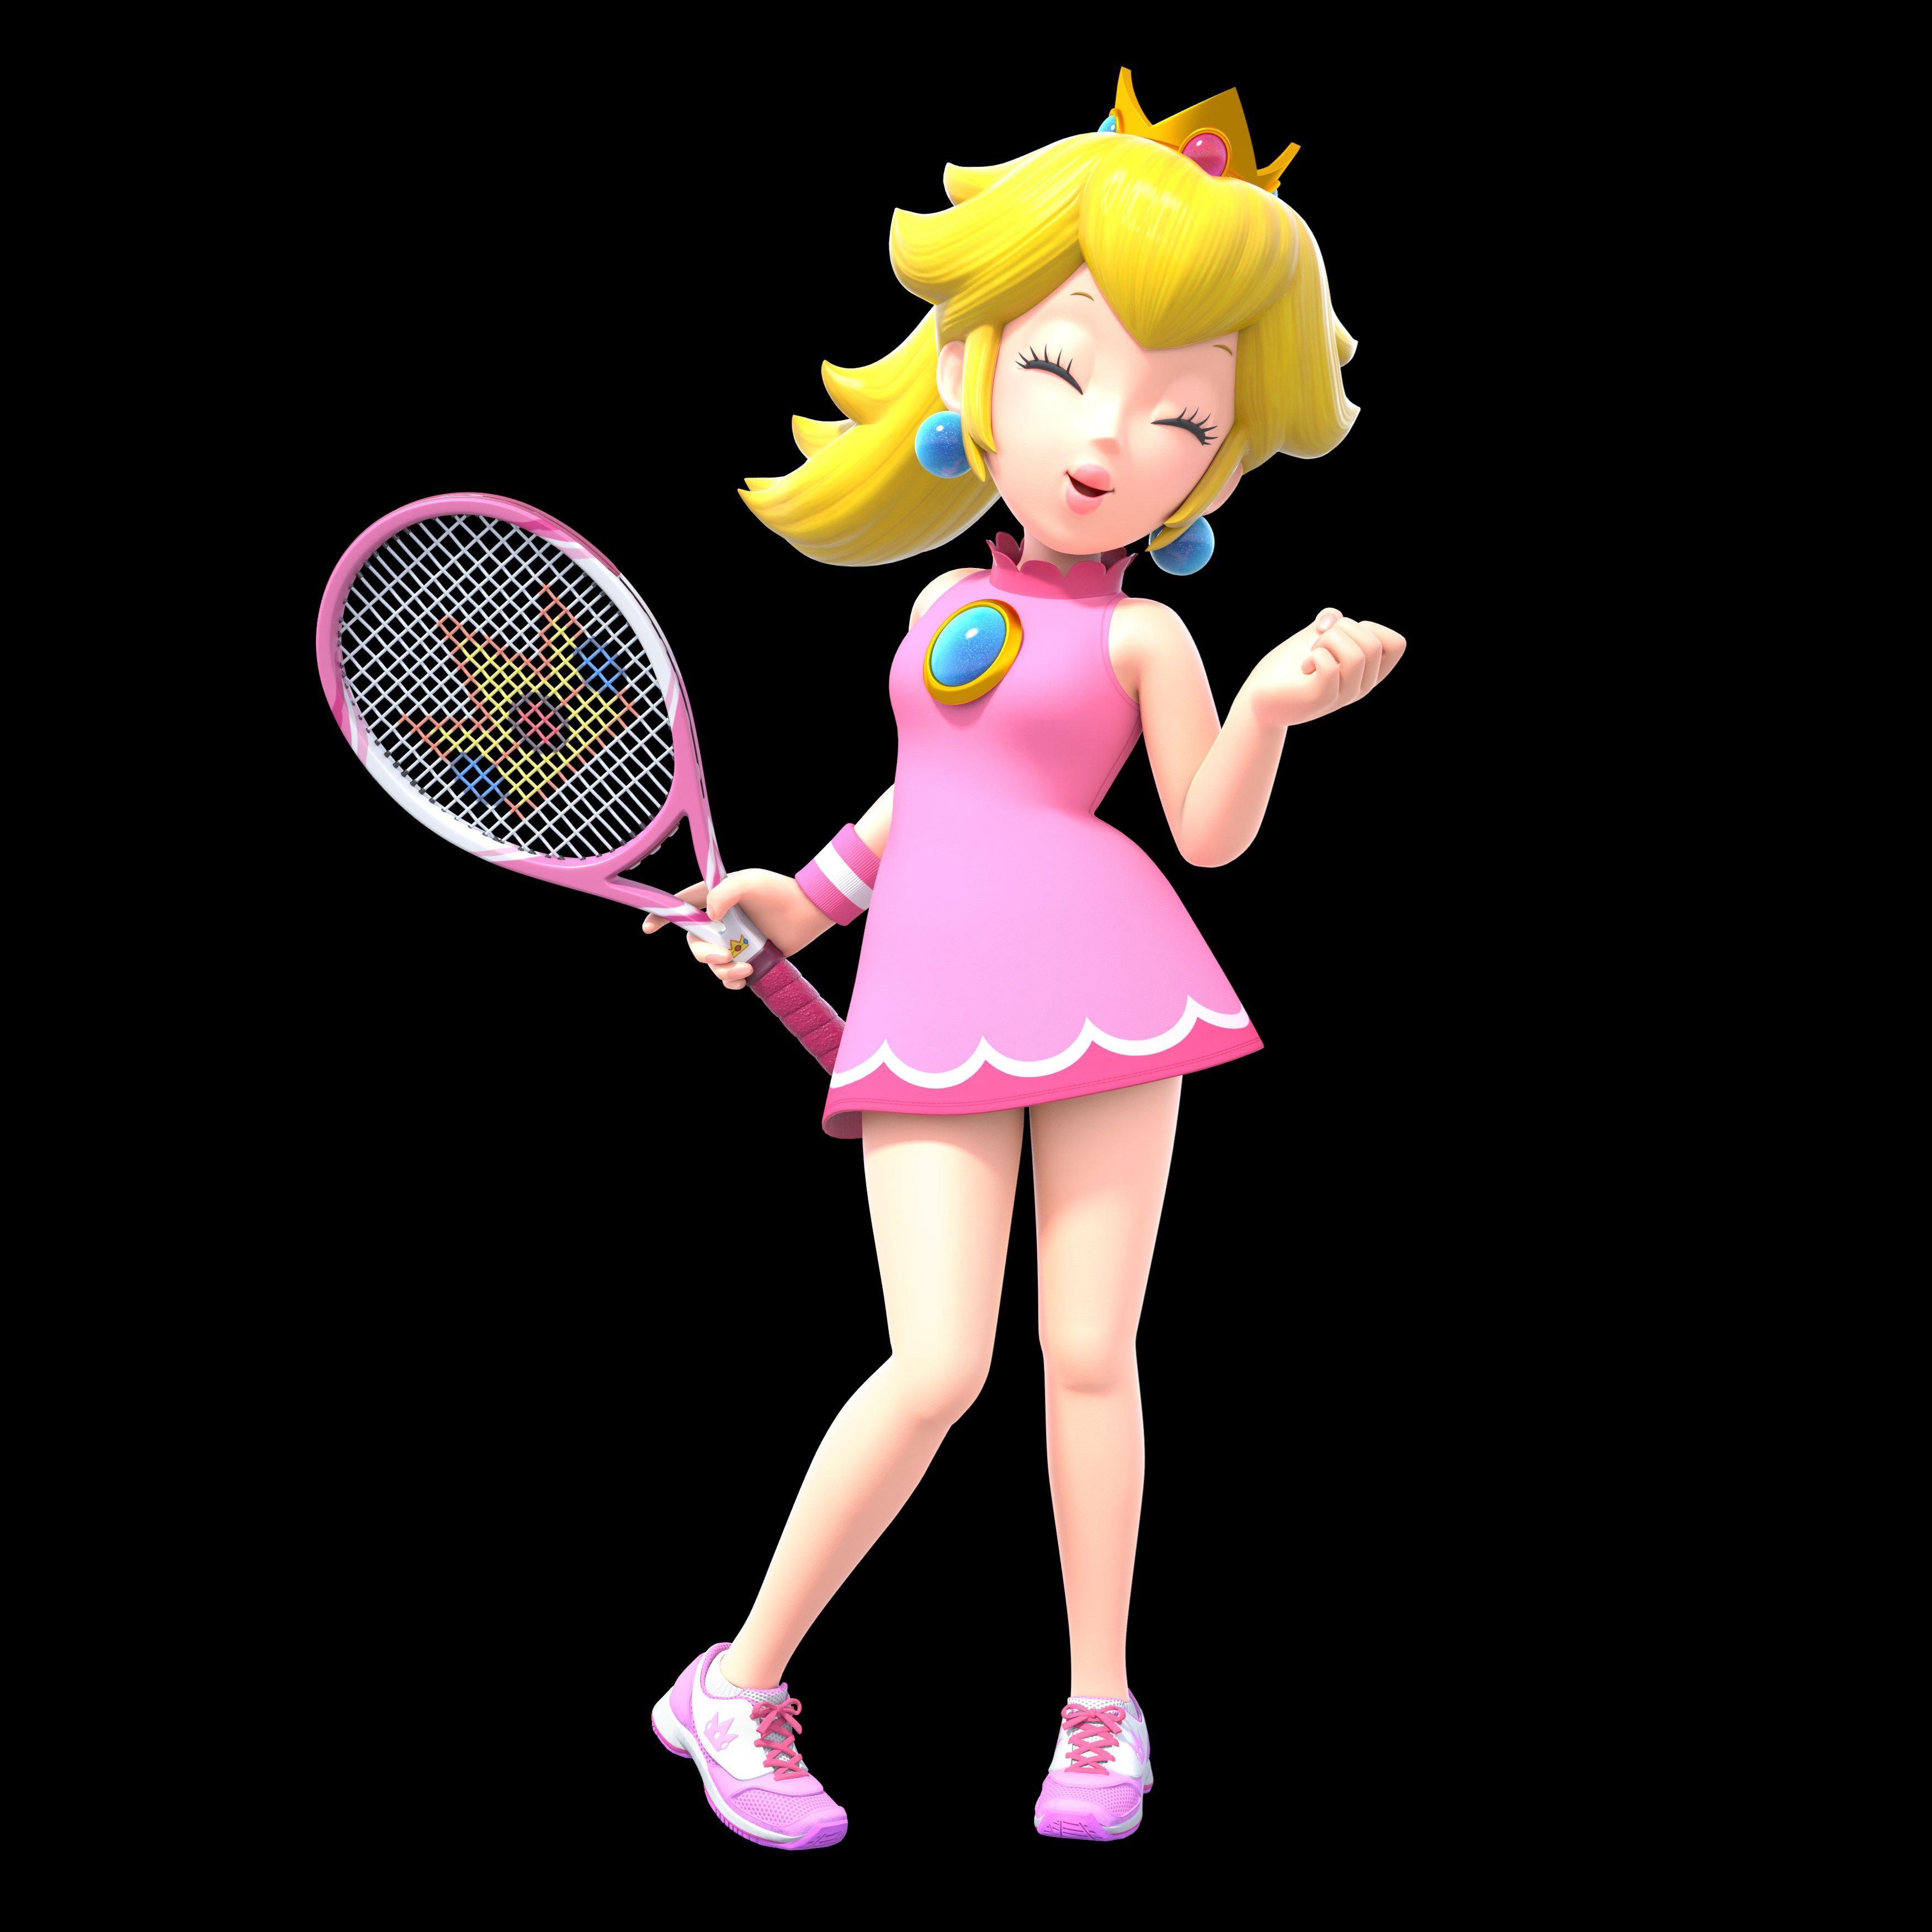 Peach Mario Tennis Aces Peach Mario Peach Mario Bros Mario And Princess Peach